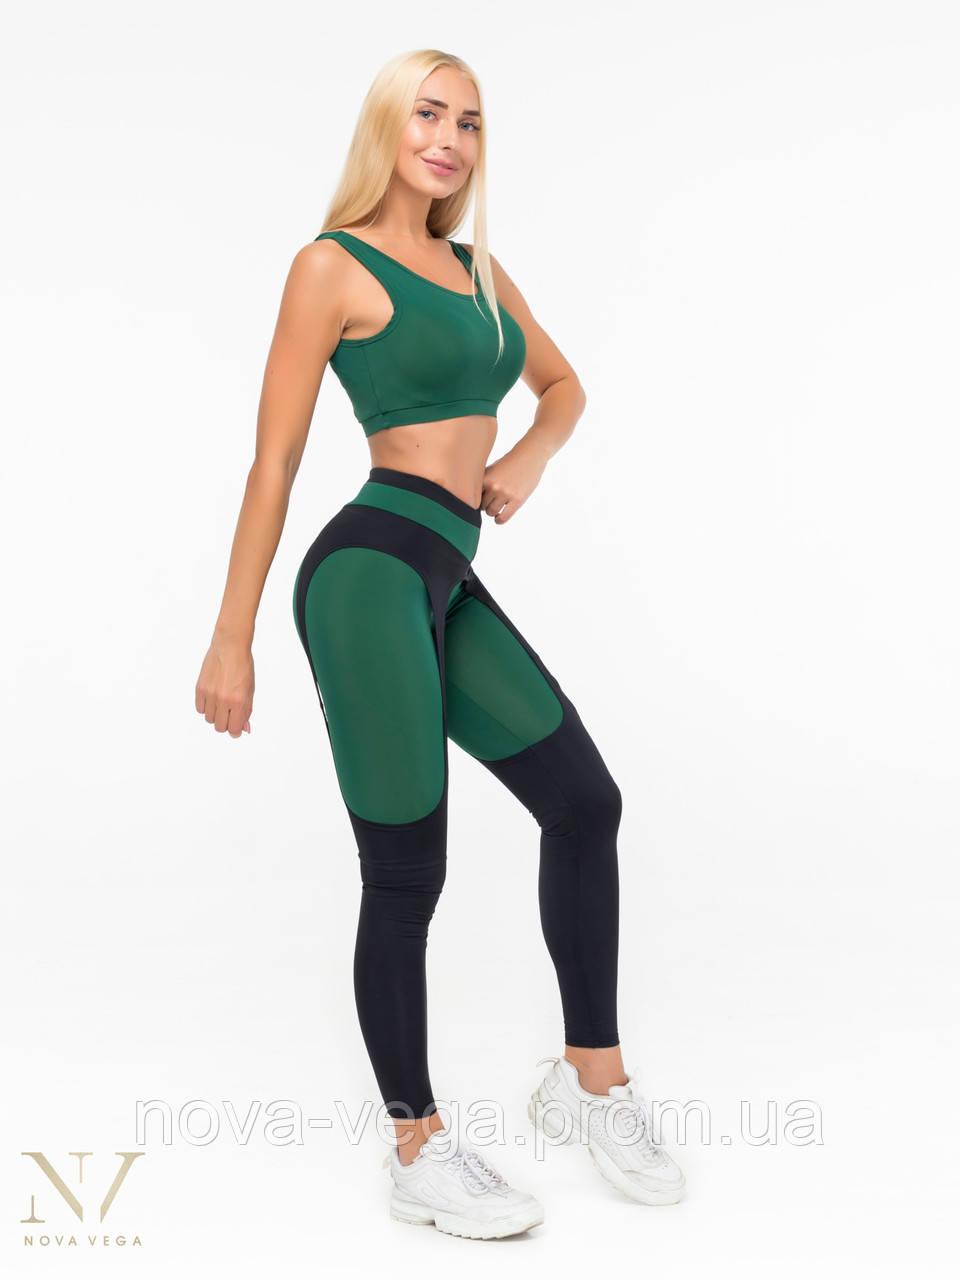 Спортивные Женские Лосины Nova Vega Aguilera Green